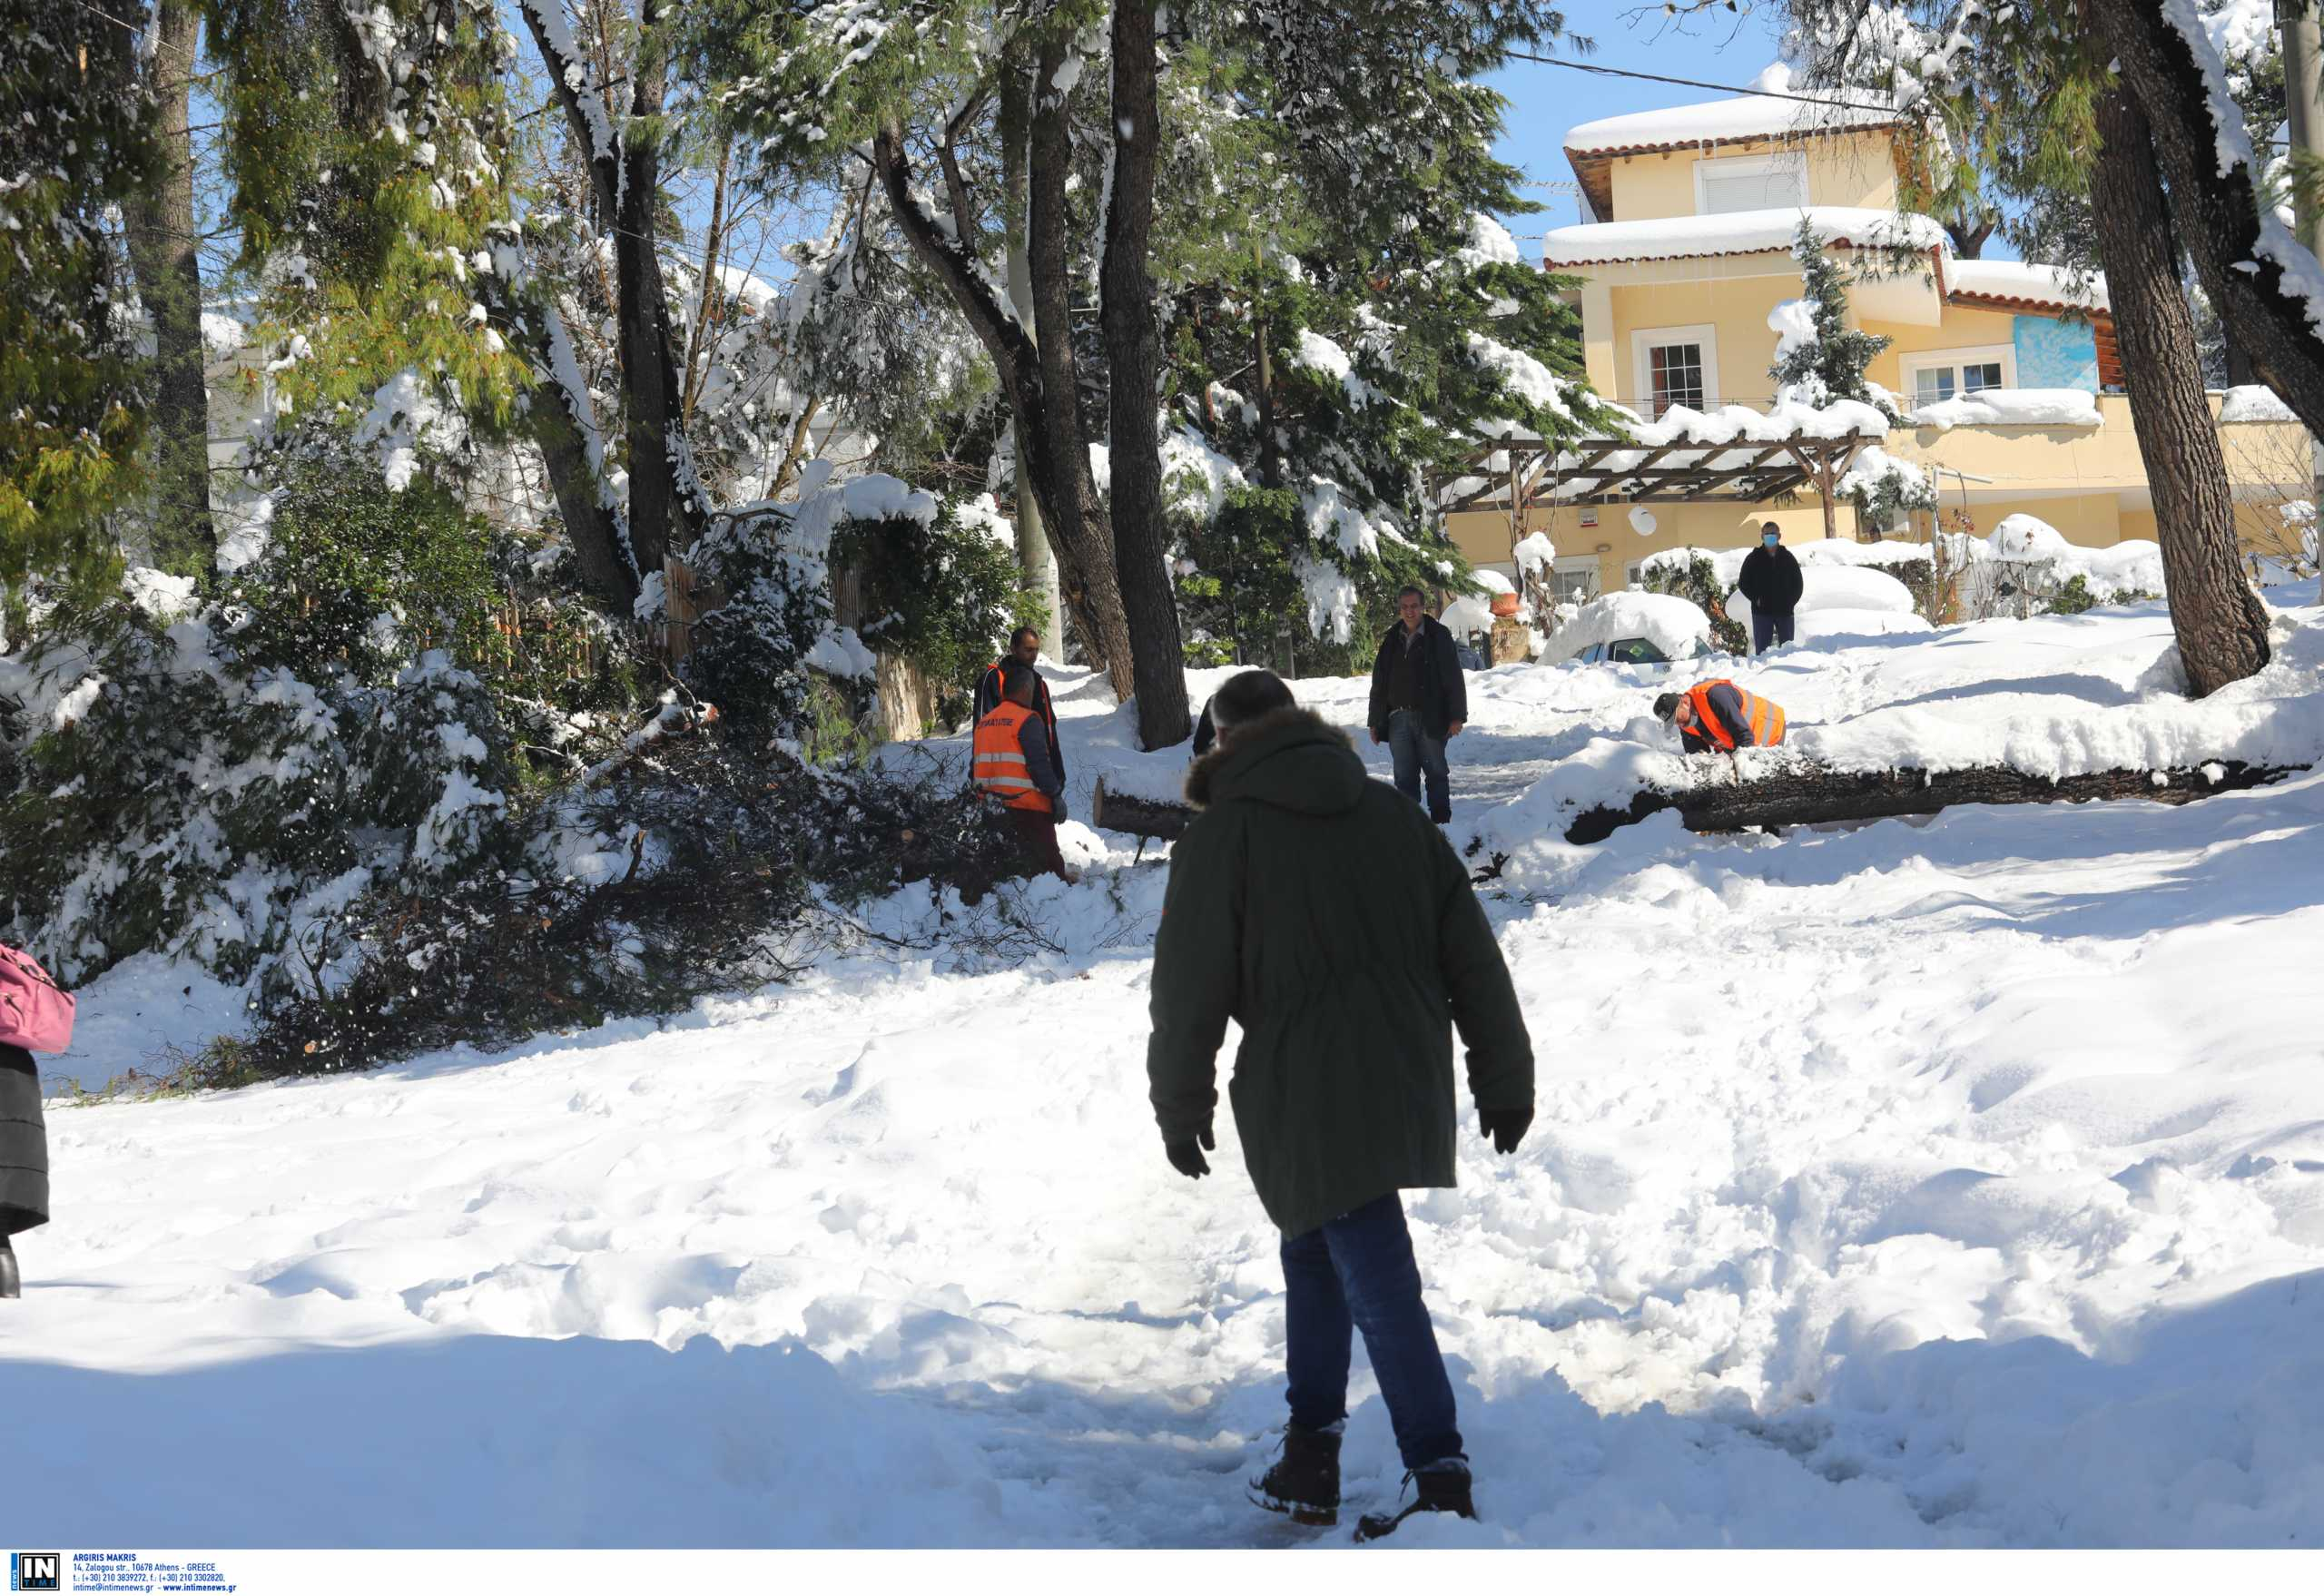 ΔΕΔΔΗΕ: Περίπου 38.000 νοικοκυριά και επιχειρήσεις έχουν ρεύμα ξανά